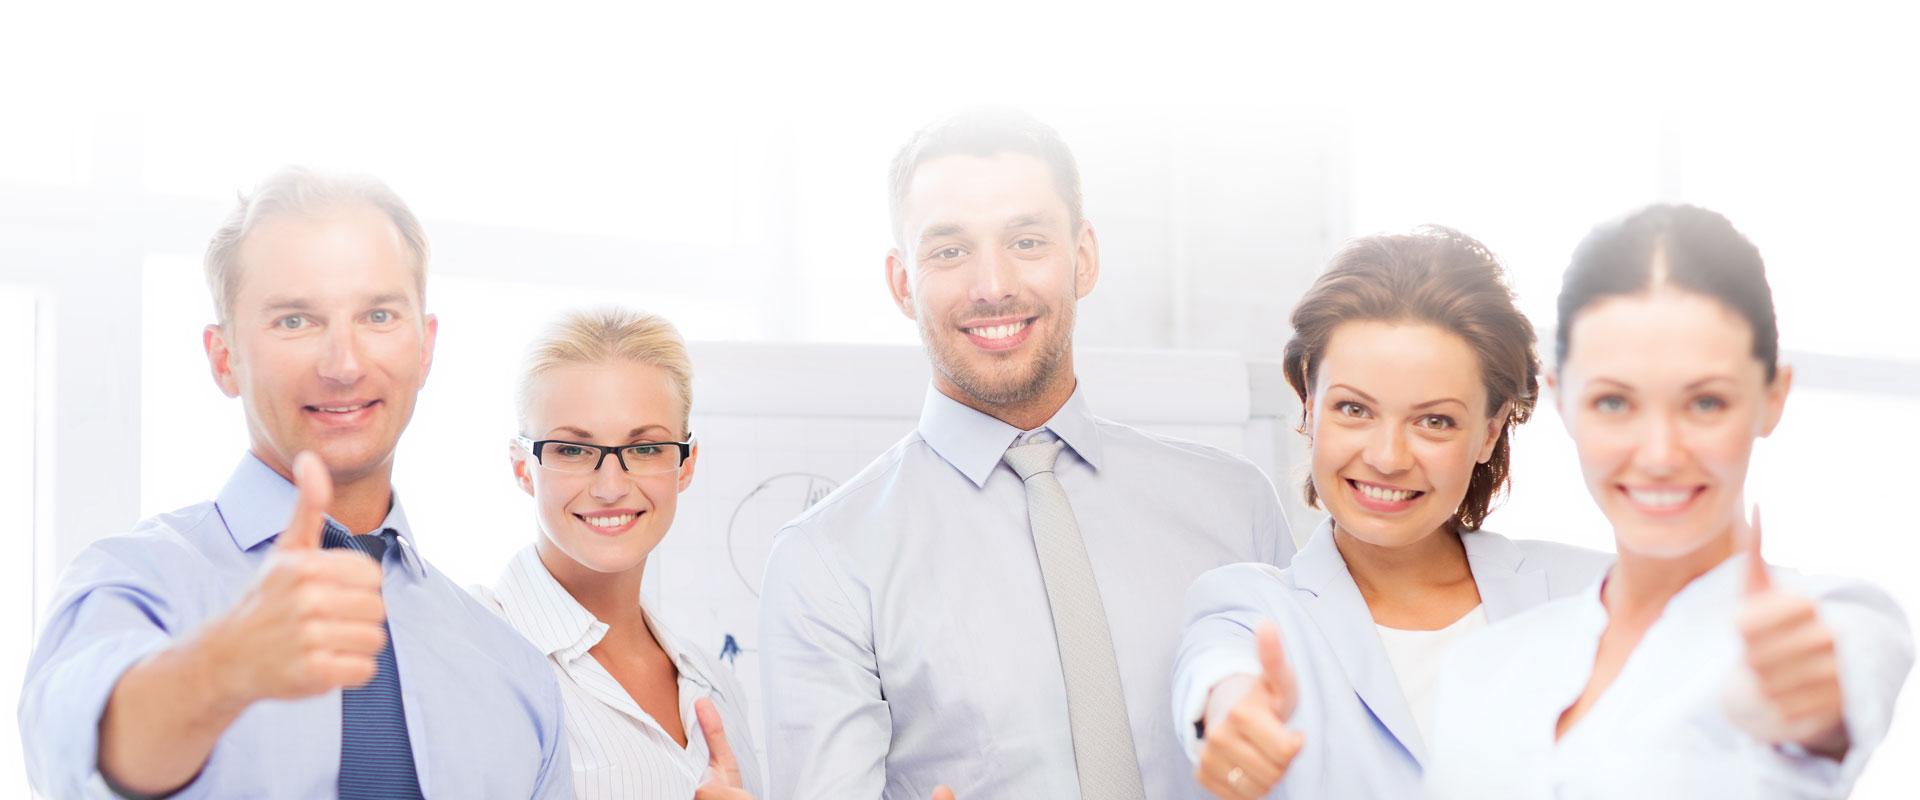 Alitravel Organizowanie niezapomnianych wycieczek, podróży czy wyjazdów dla klientów Twojego biznesu.